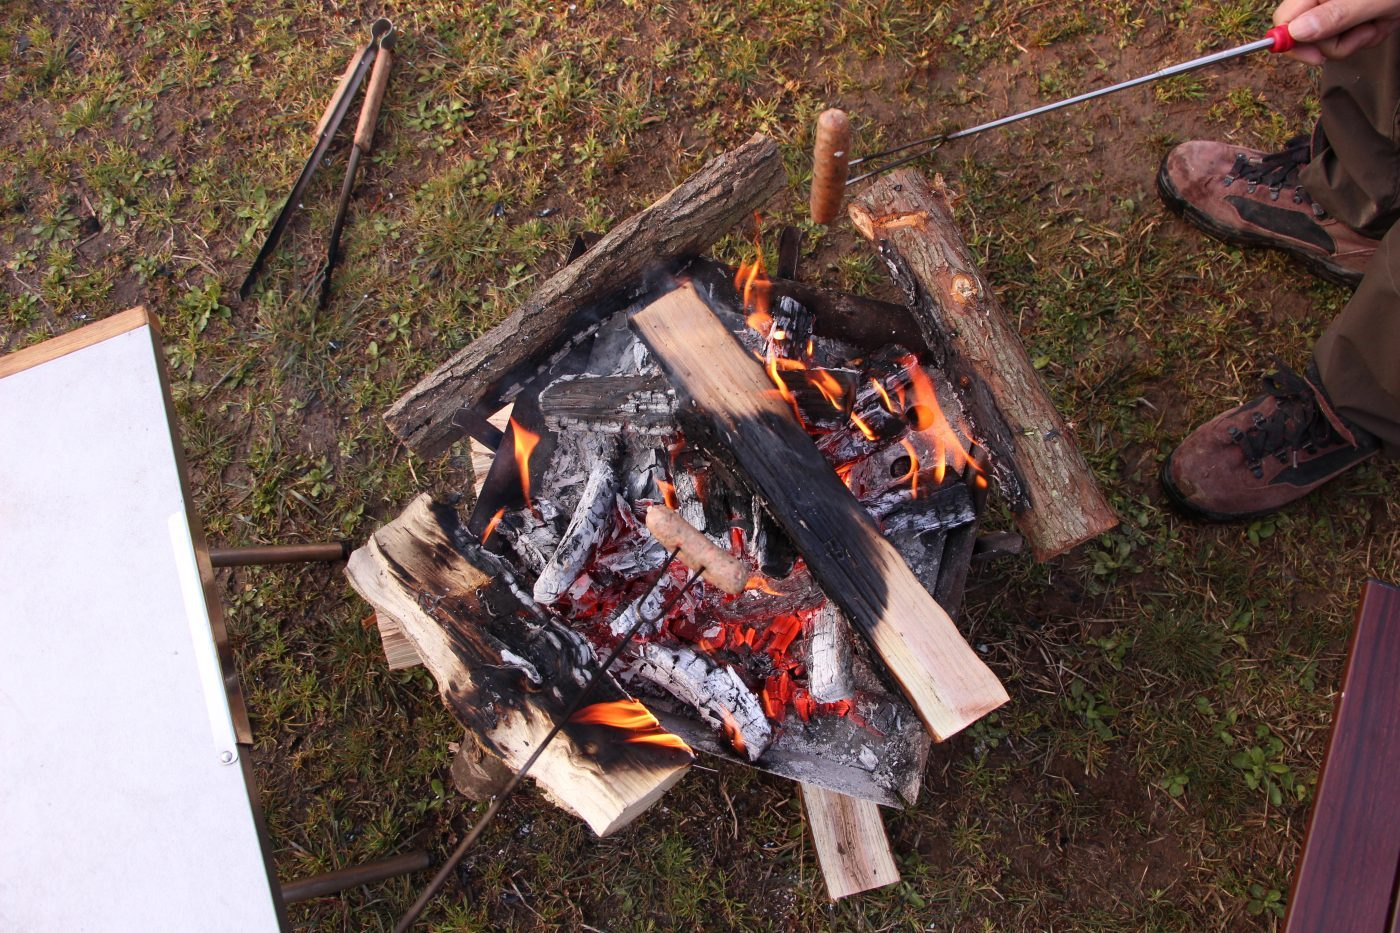 キャンプでの焚き火は服に穴が開く原因の最たる例